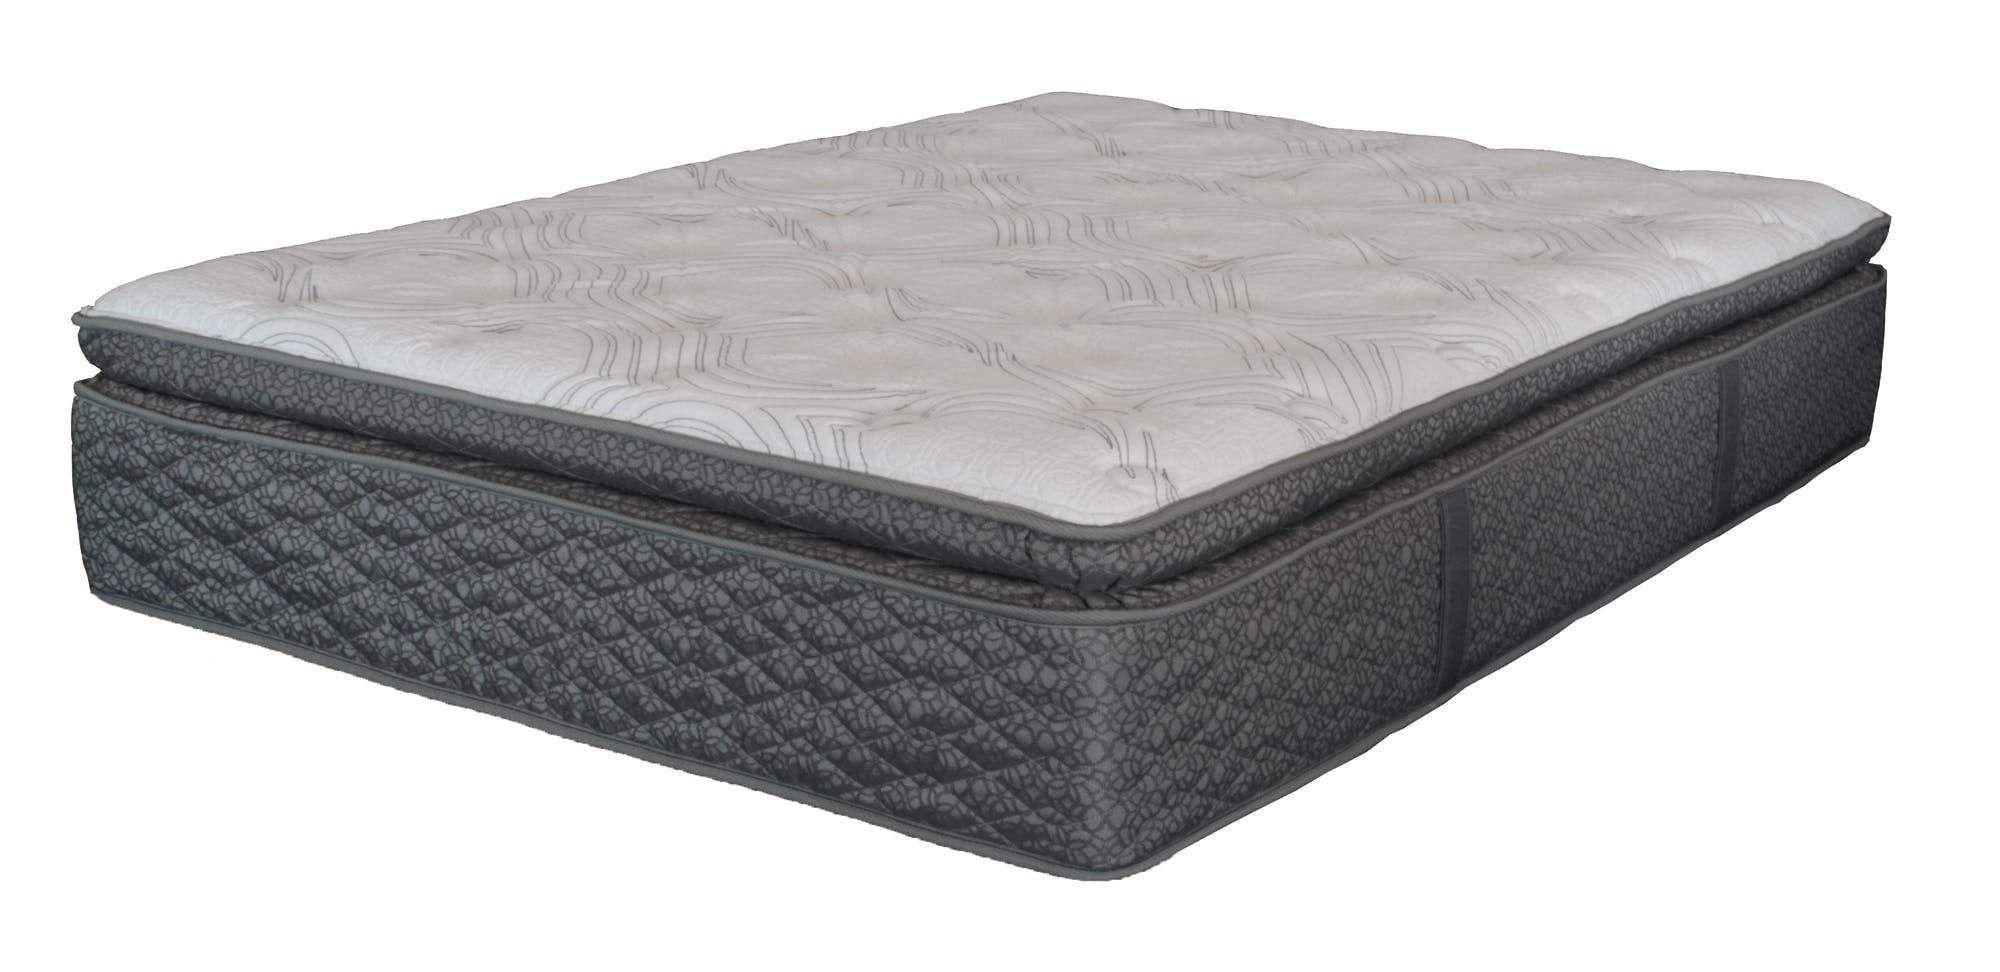 Symbolism Super Pillow Top Mattress #pillowtopmattress